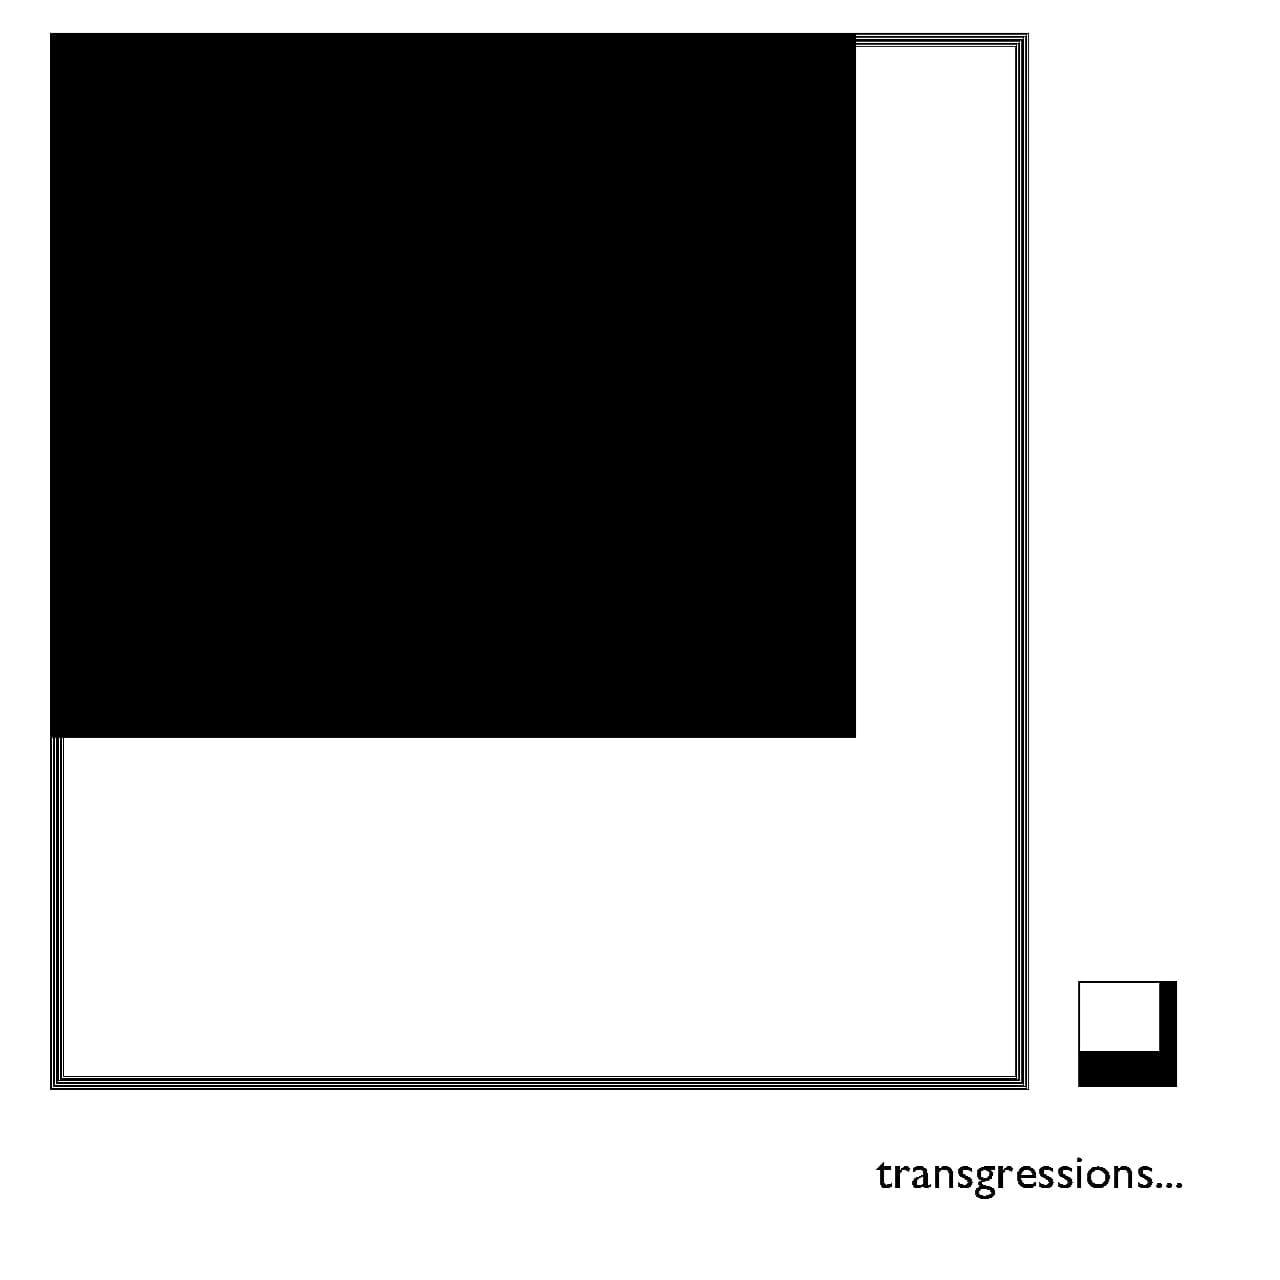 Geometric transgressions ...